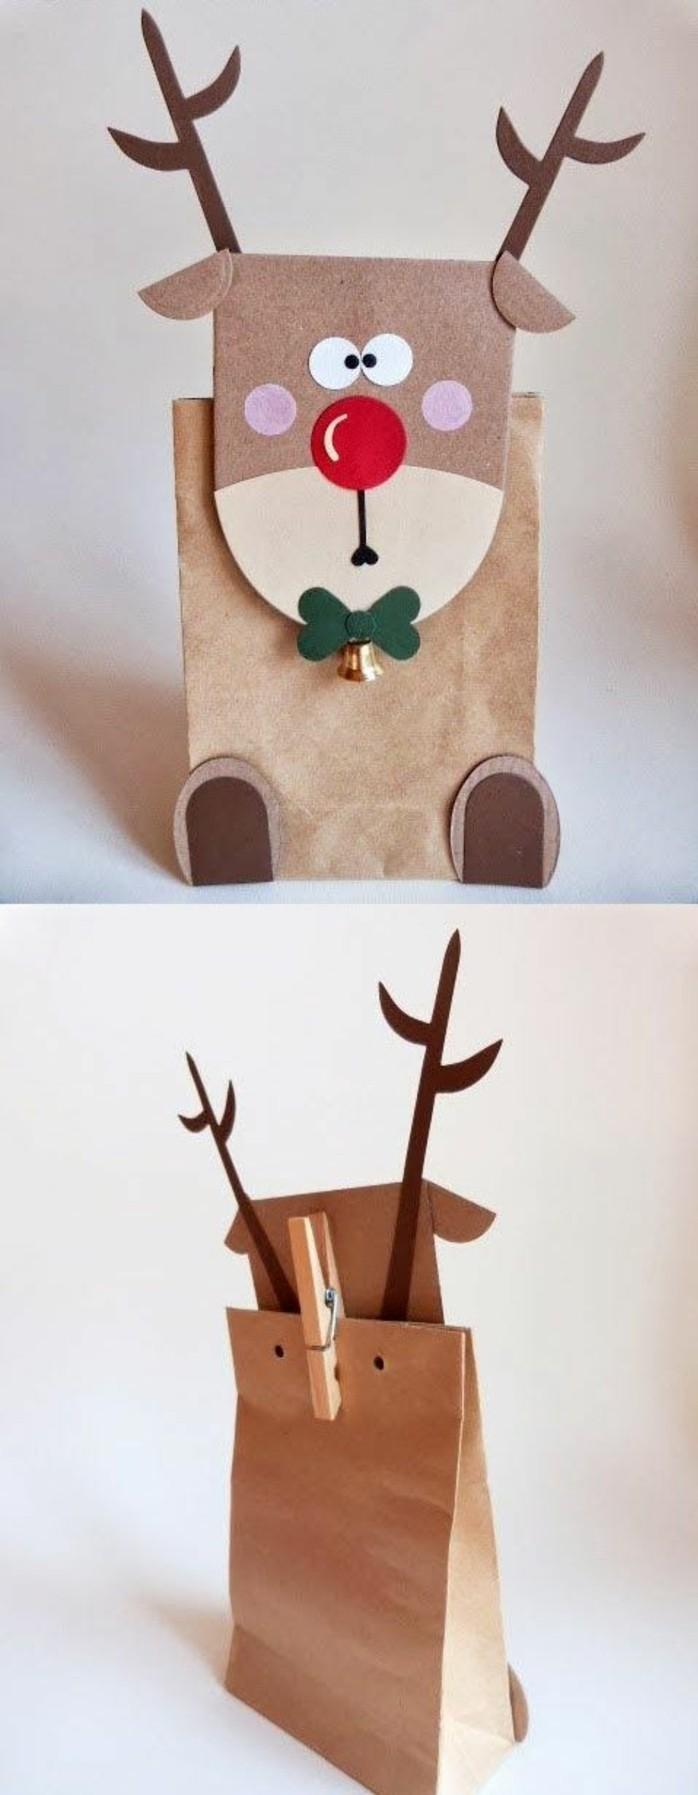 projet-diy-renne-en-sachet-papier-recycle